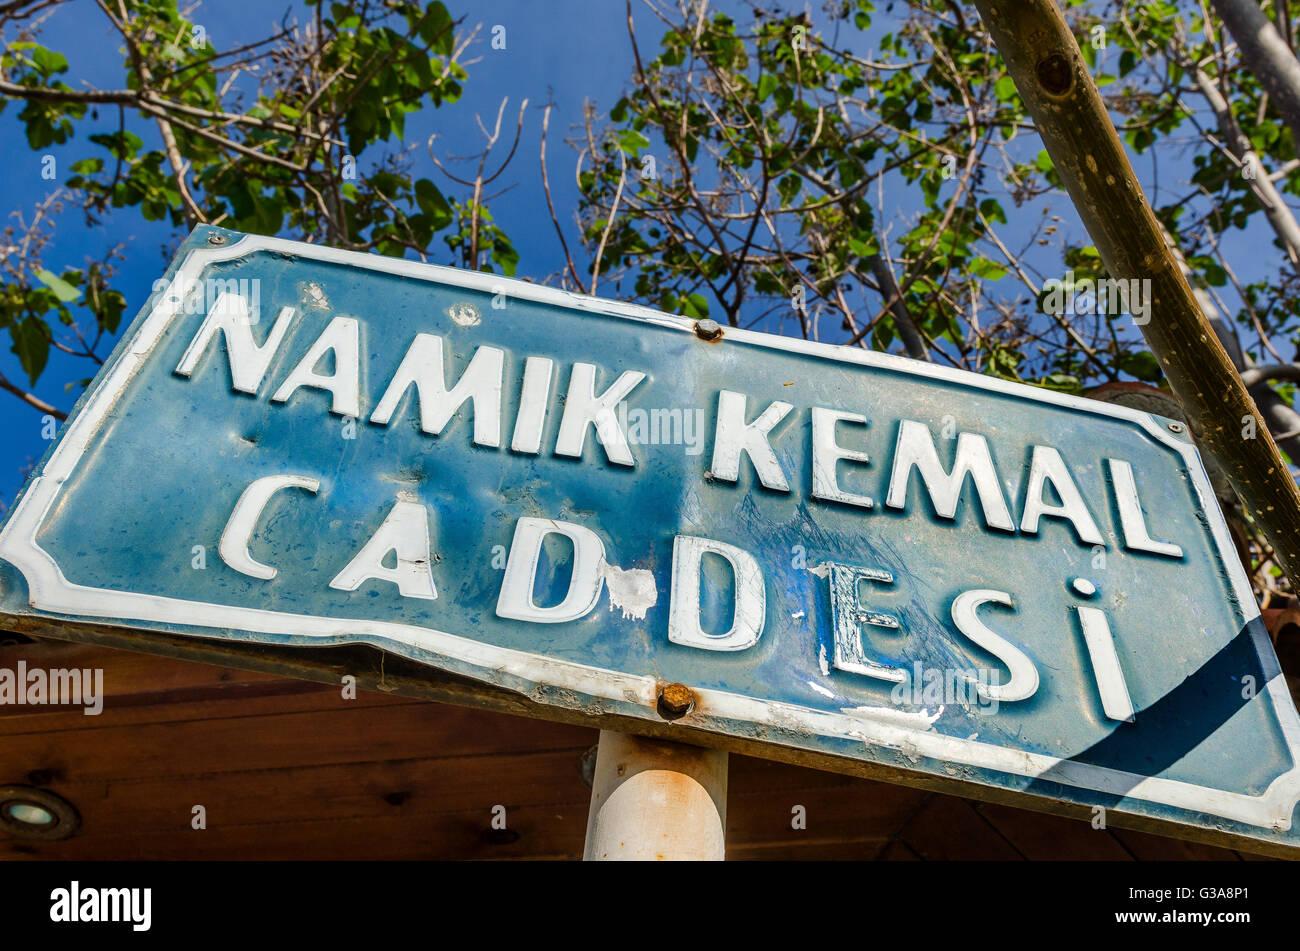 Cartel con el nombre de la calle en la ciudad de Kyrenia, Norte de Chipre. Foto de stock